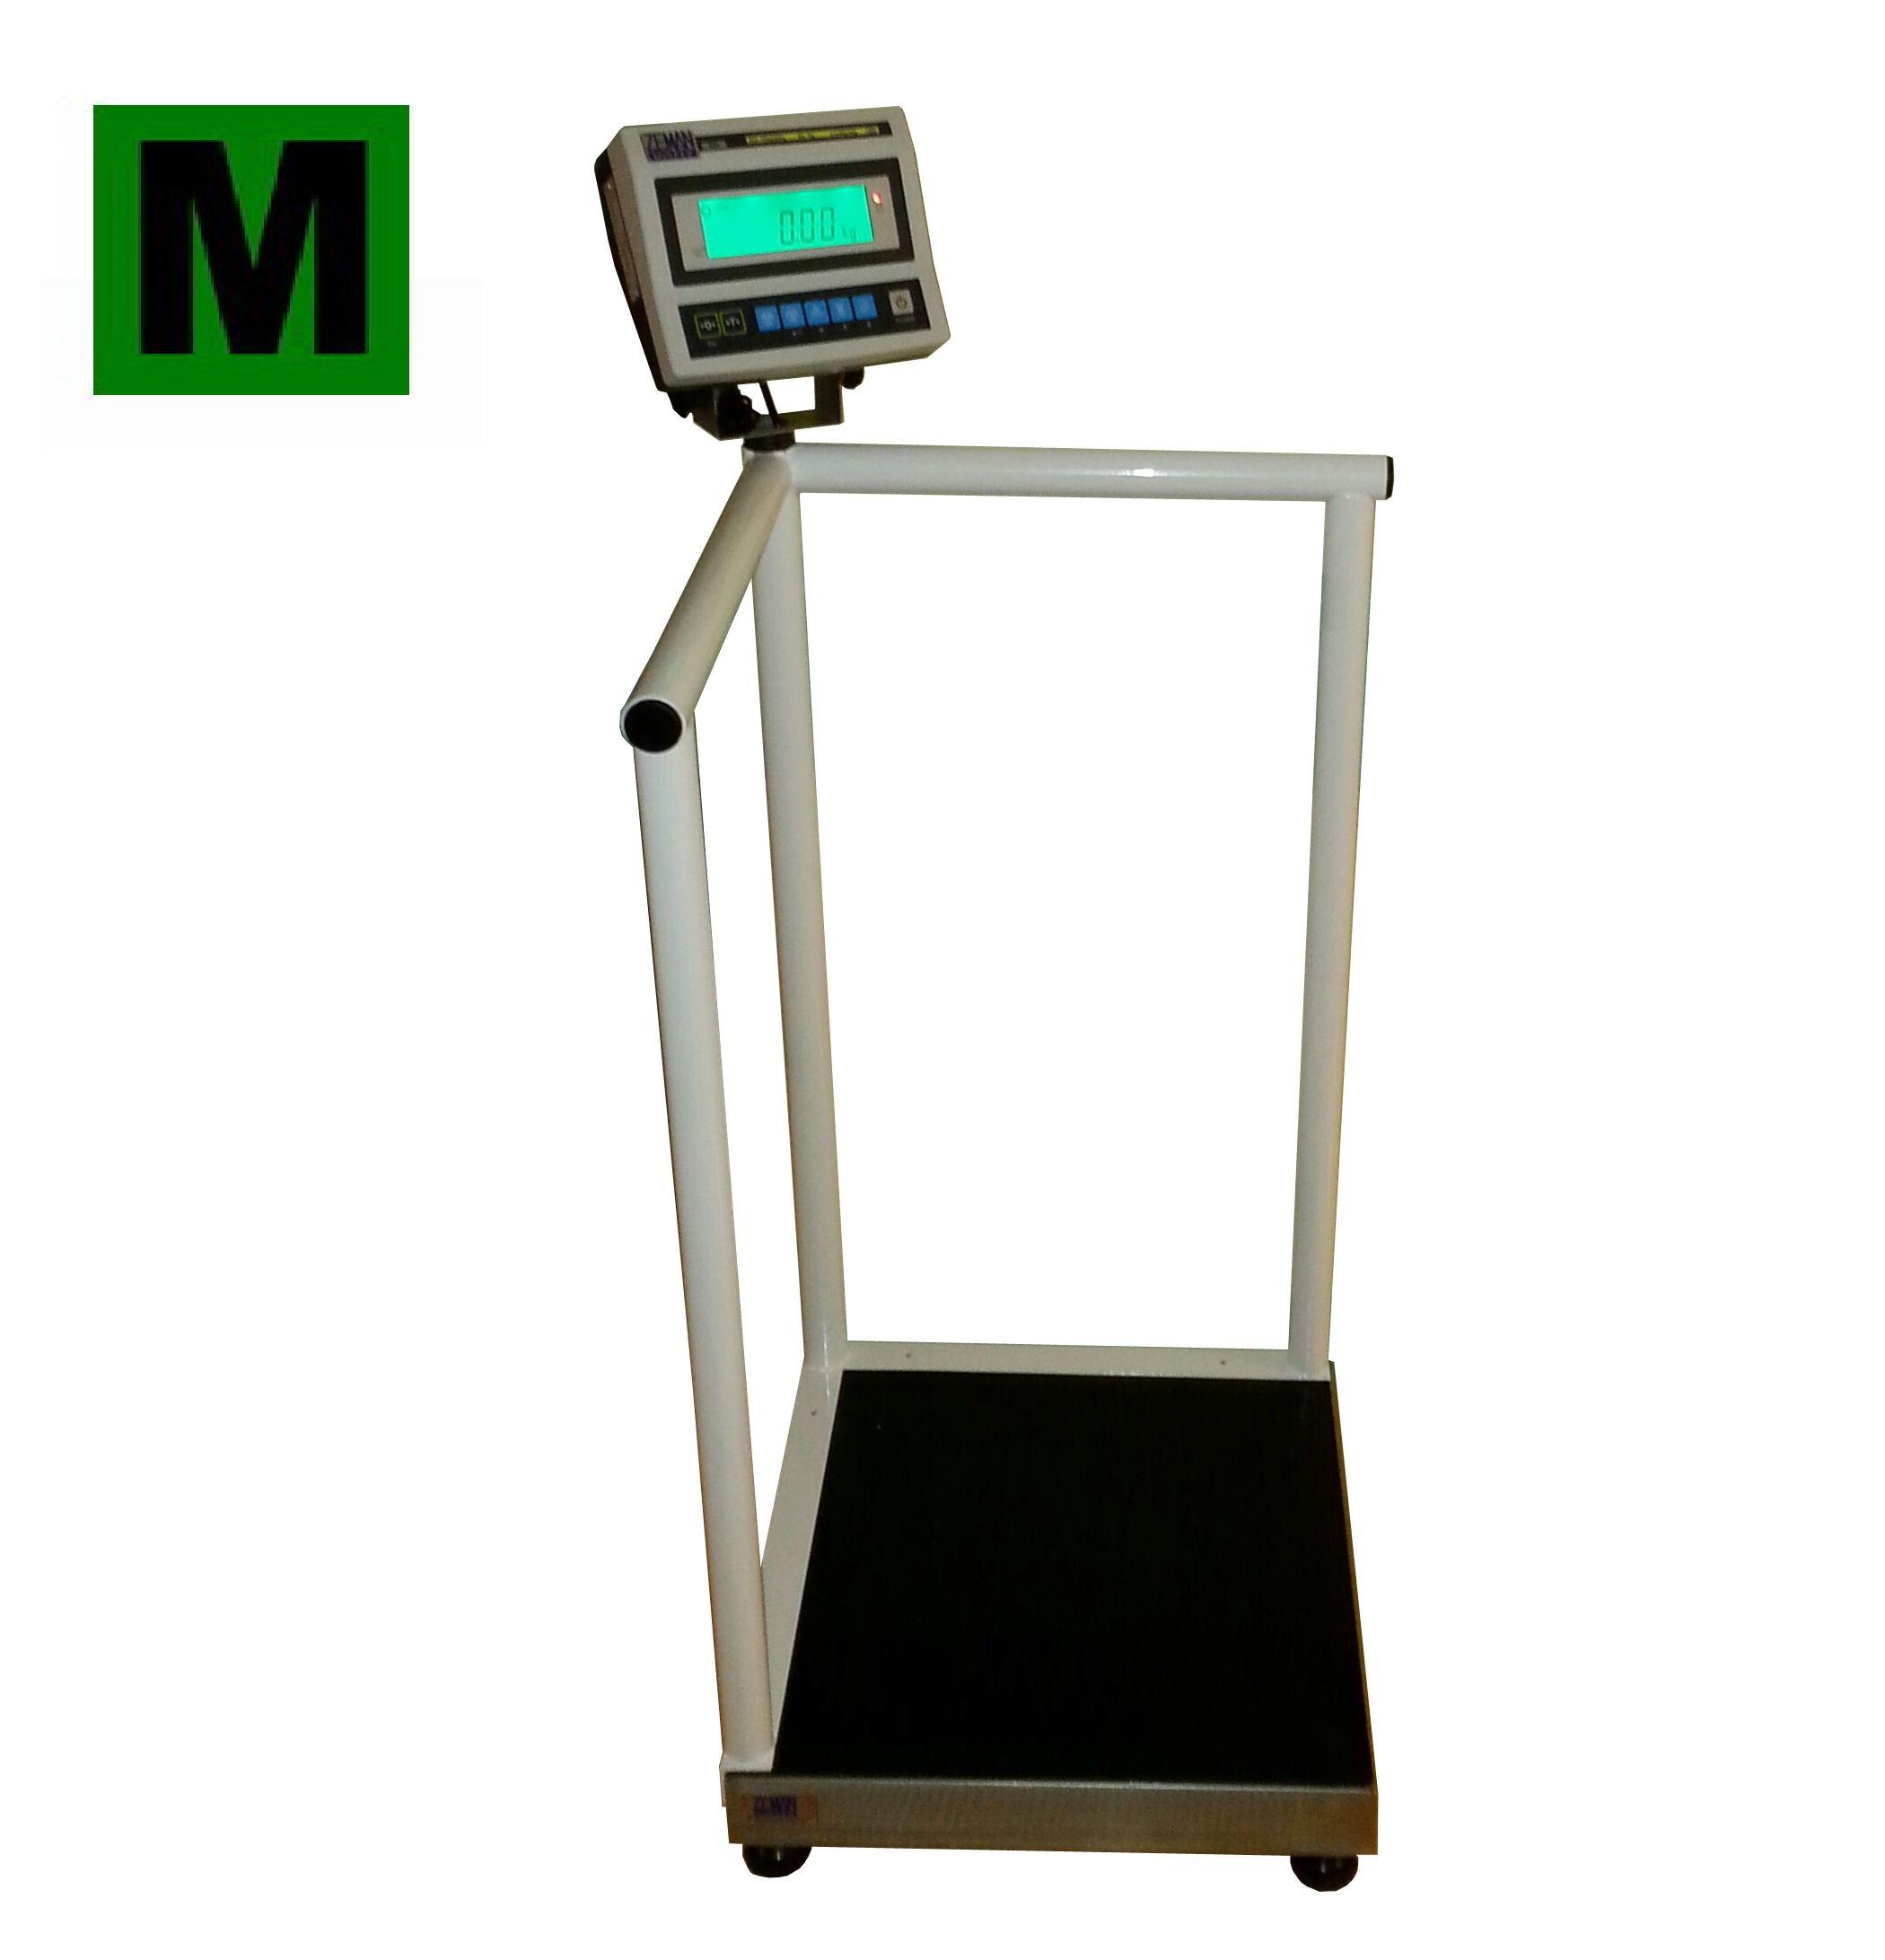 Osobní váha se zábradlím ZV1T66 do 300kg, cejchovaná (Osobní váha se zábradlím ZV1T66 s váživostí 300 kg s ES ověřením)